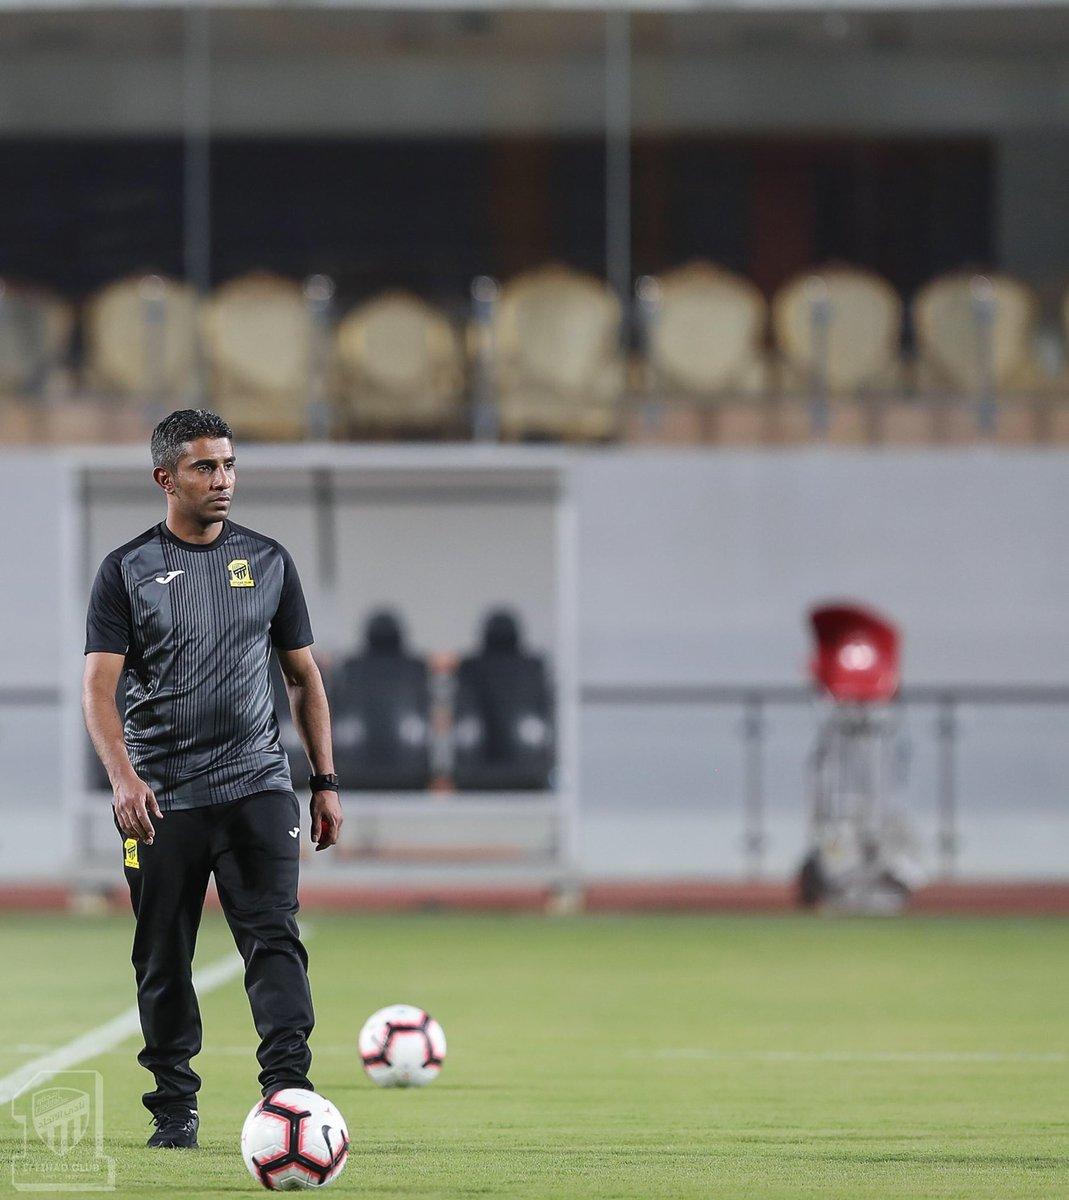 مدرب الاتحاد : جئنا للفوز على الوصل في كأس زايد للأندية الأبطال